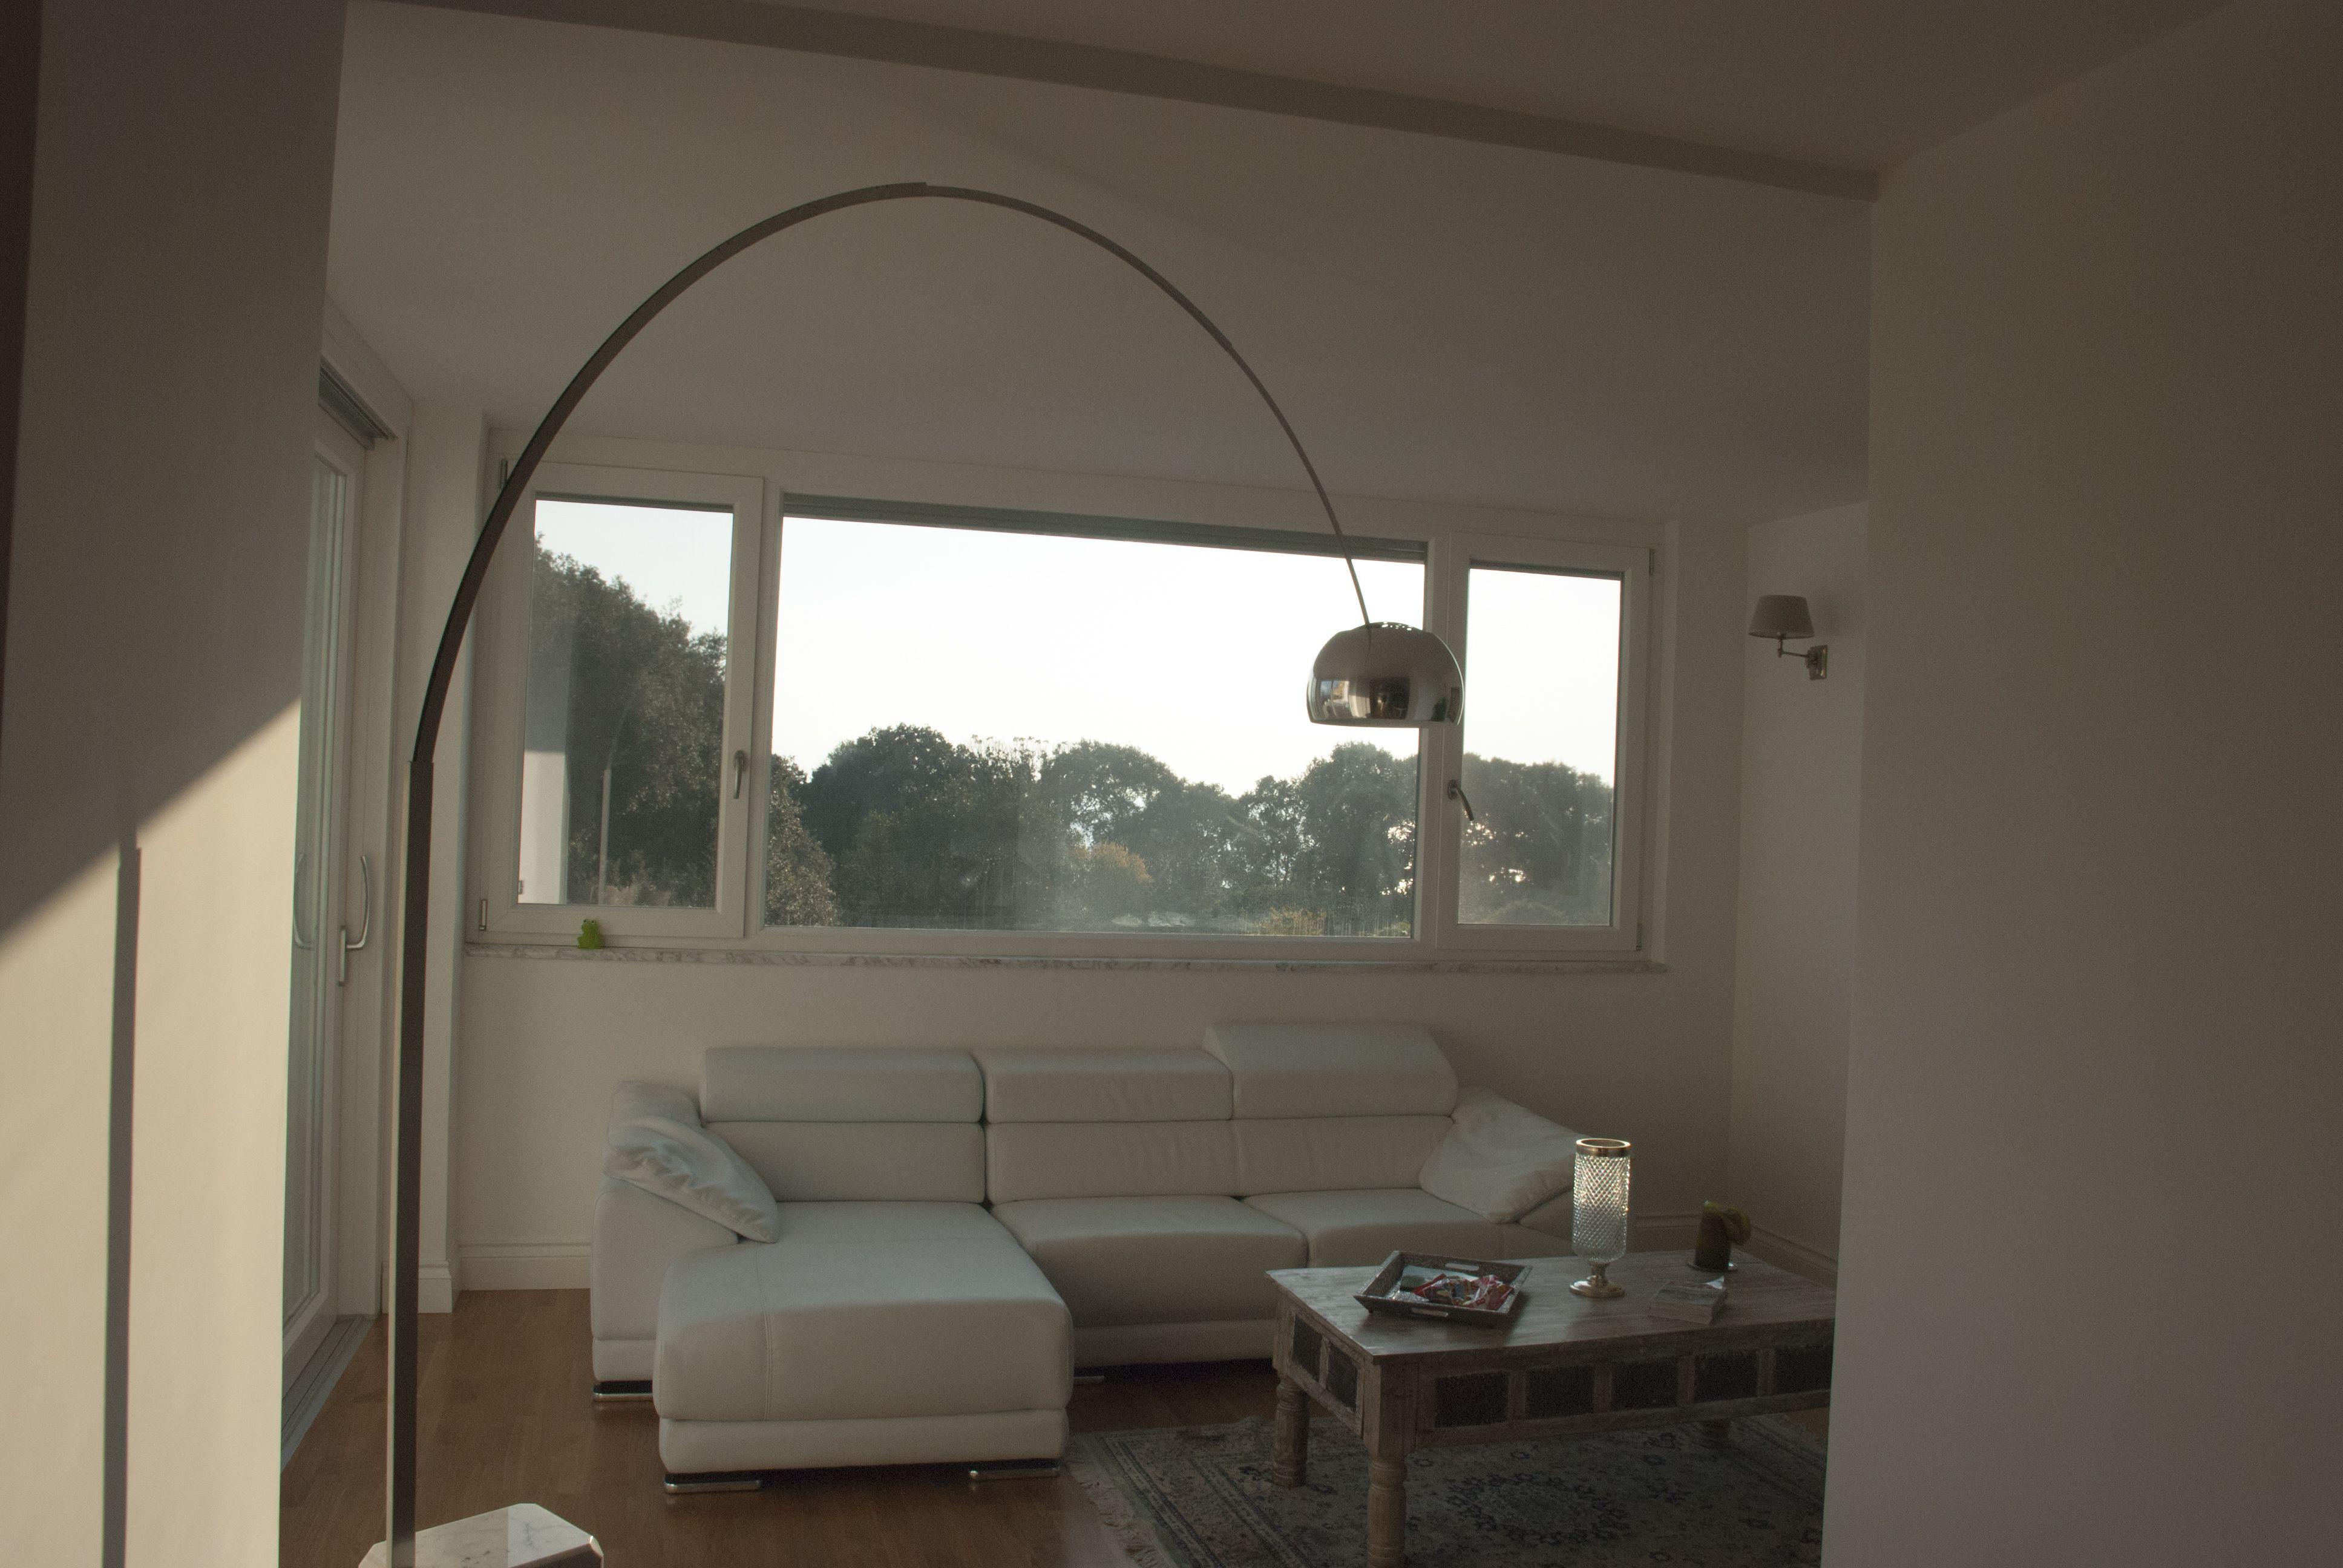 Residenza privata, Torre Annunziata. Living